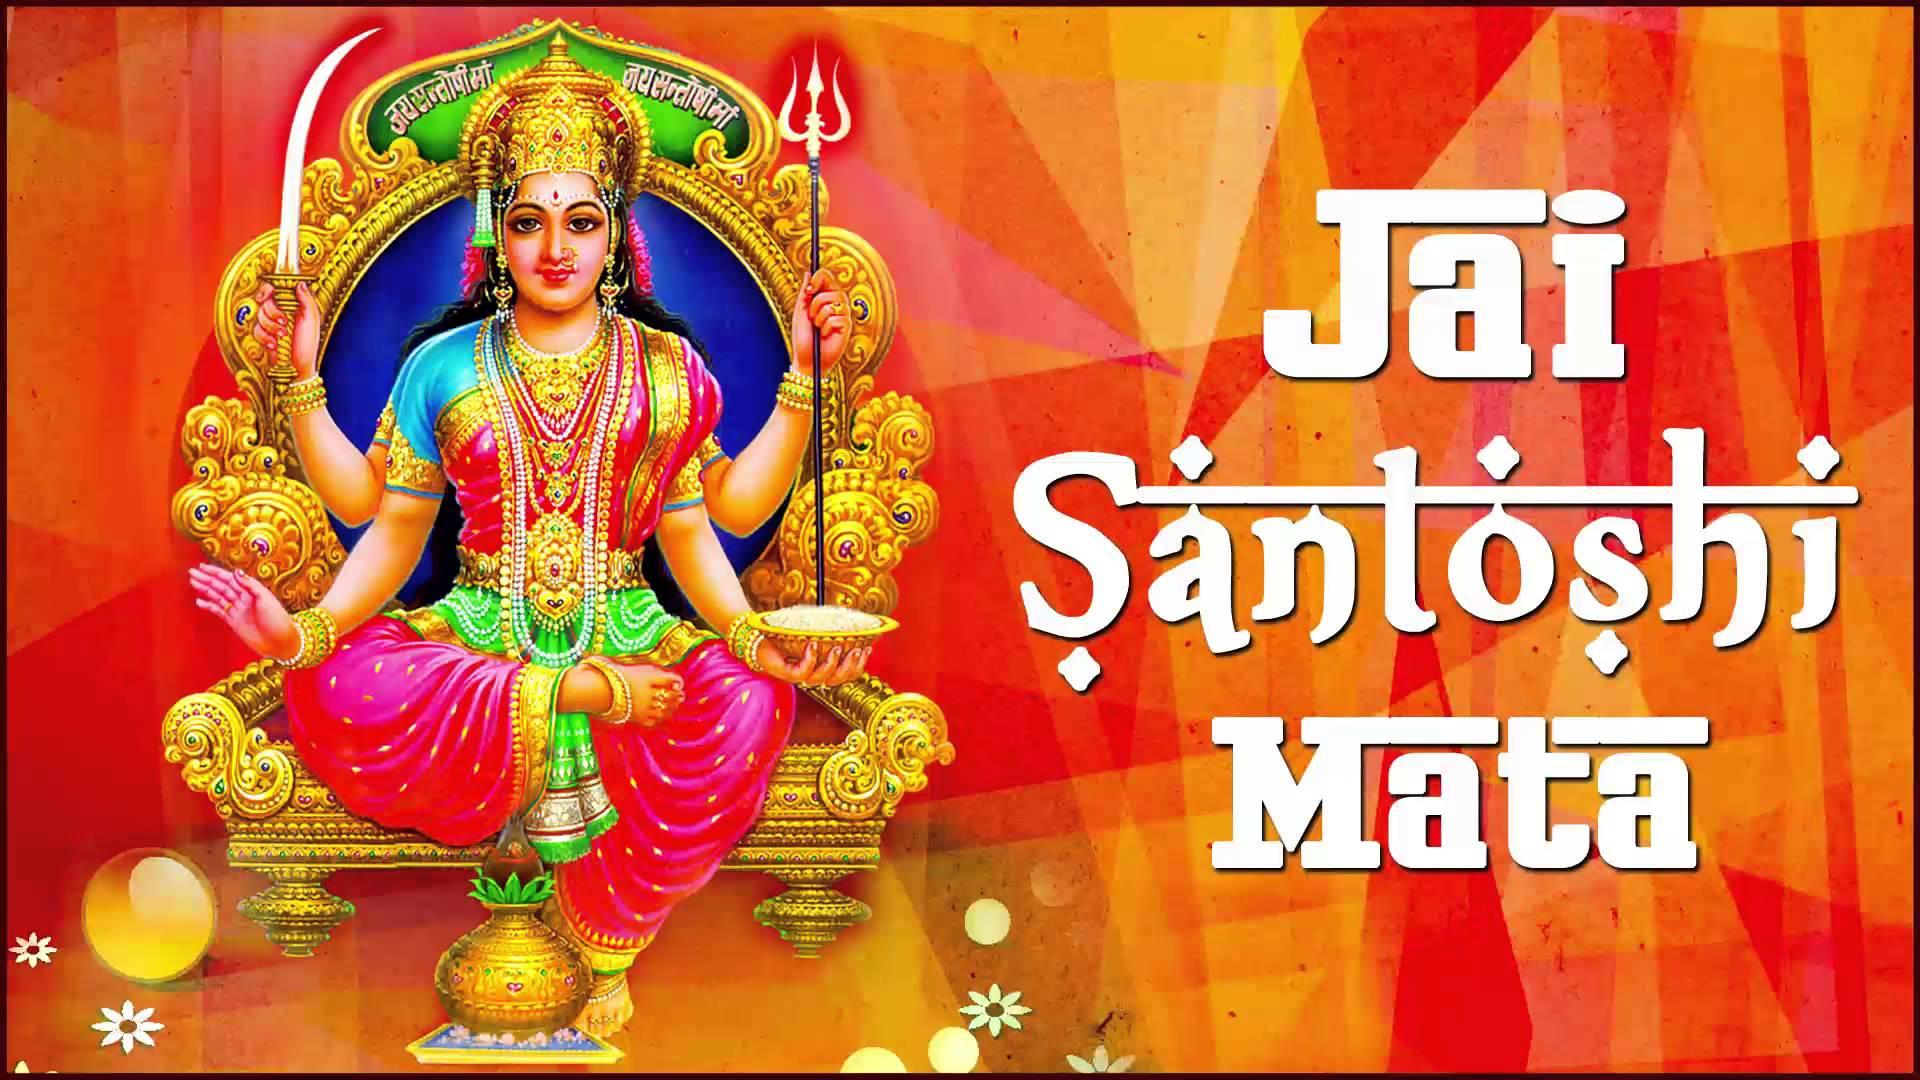 Santoshi Mata Ji